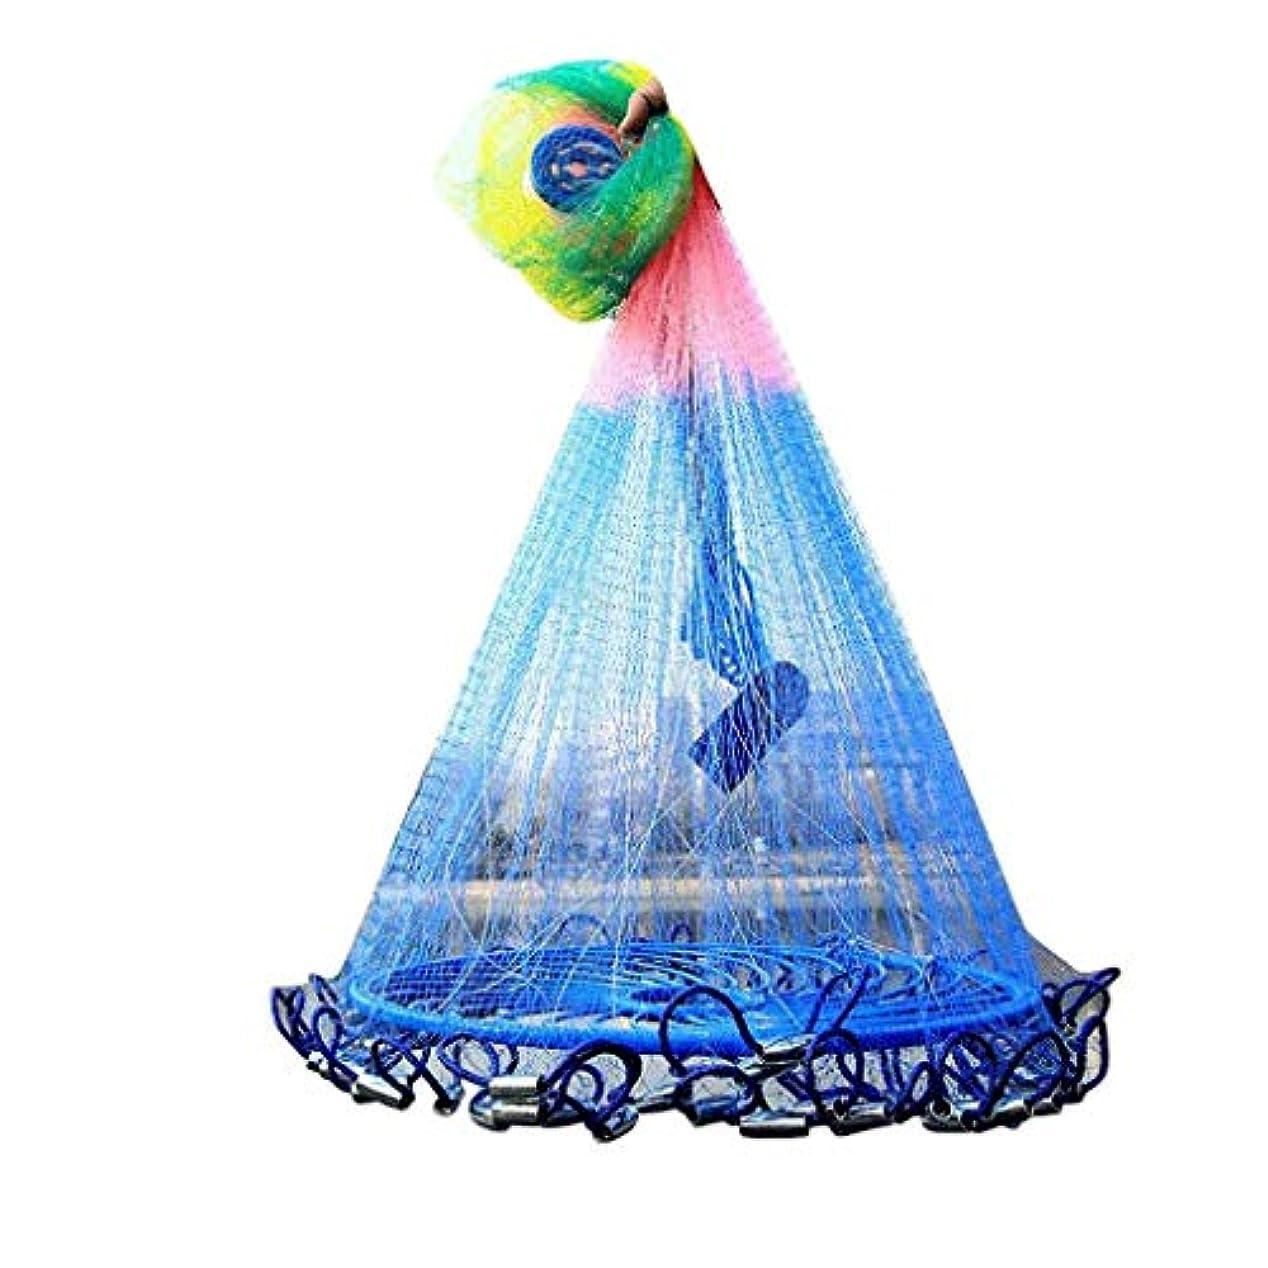 エトナ山反対した安定釣りネット大人の釣り道具大型ディスク釣りネットフライ釣りネット手投げネット自動投げネット池の装飾ウェアラブル折りたたみポータブルライトと使いやすい (Size : 3.3 meter high plumb bob)